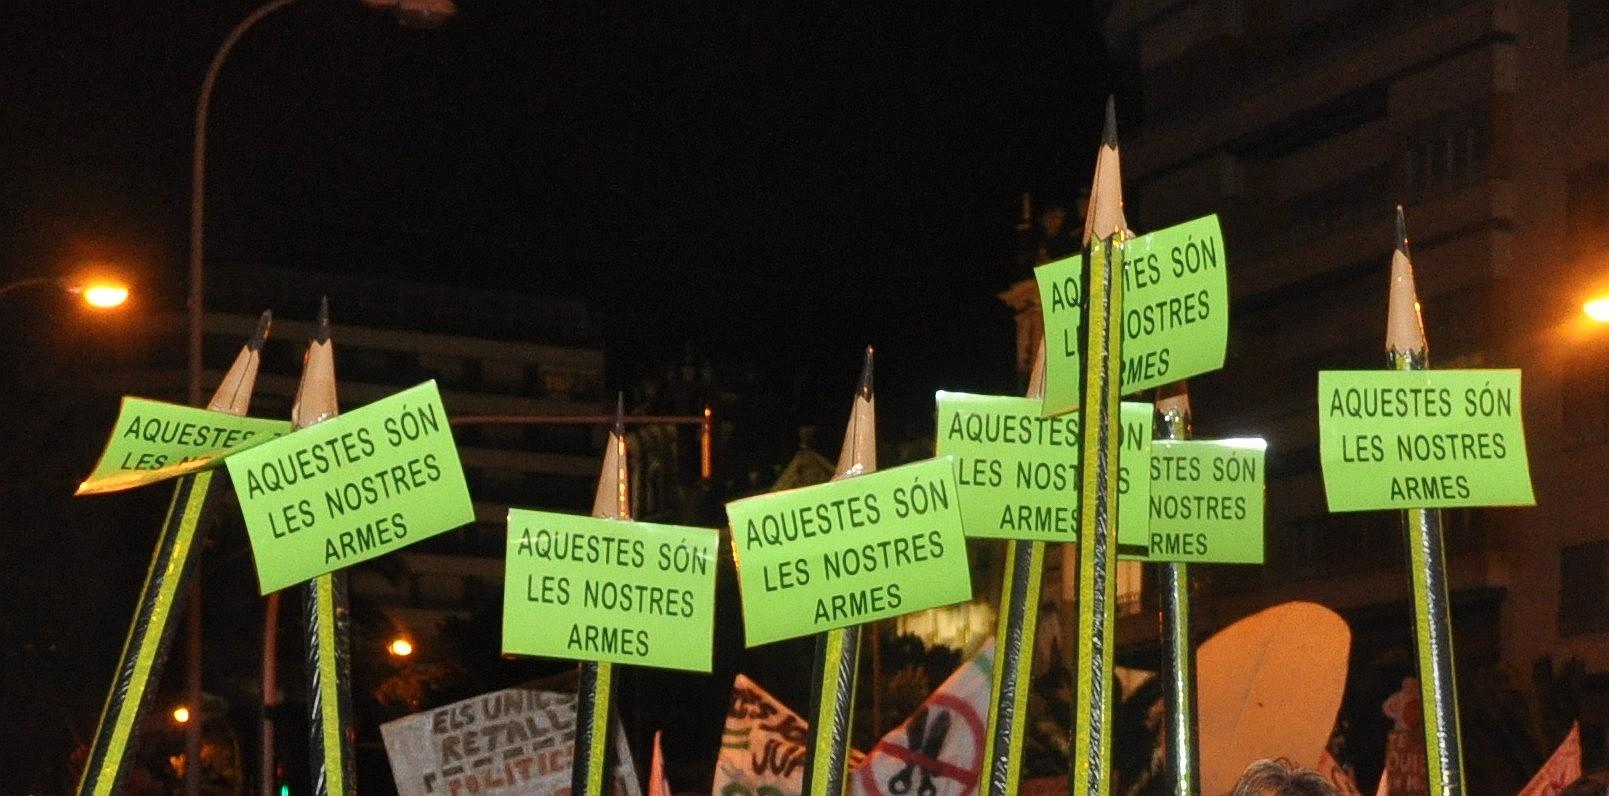 Manifestación en Alicante, NO  A LOS RECORTES, 25/2/2012